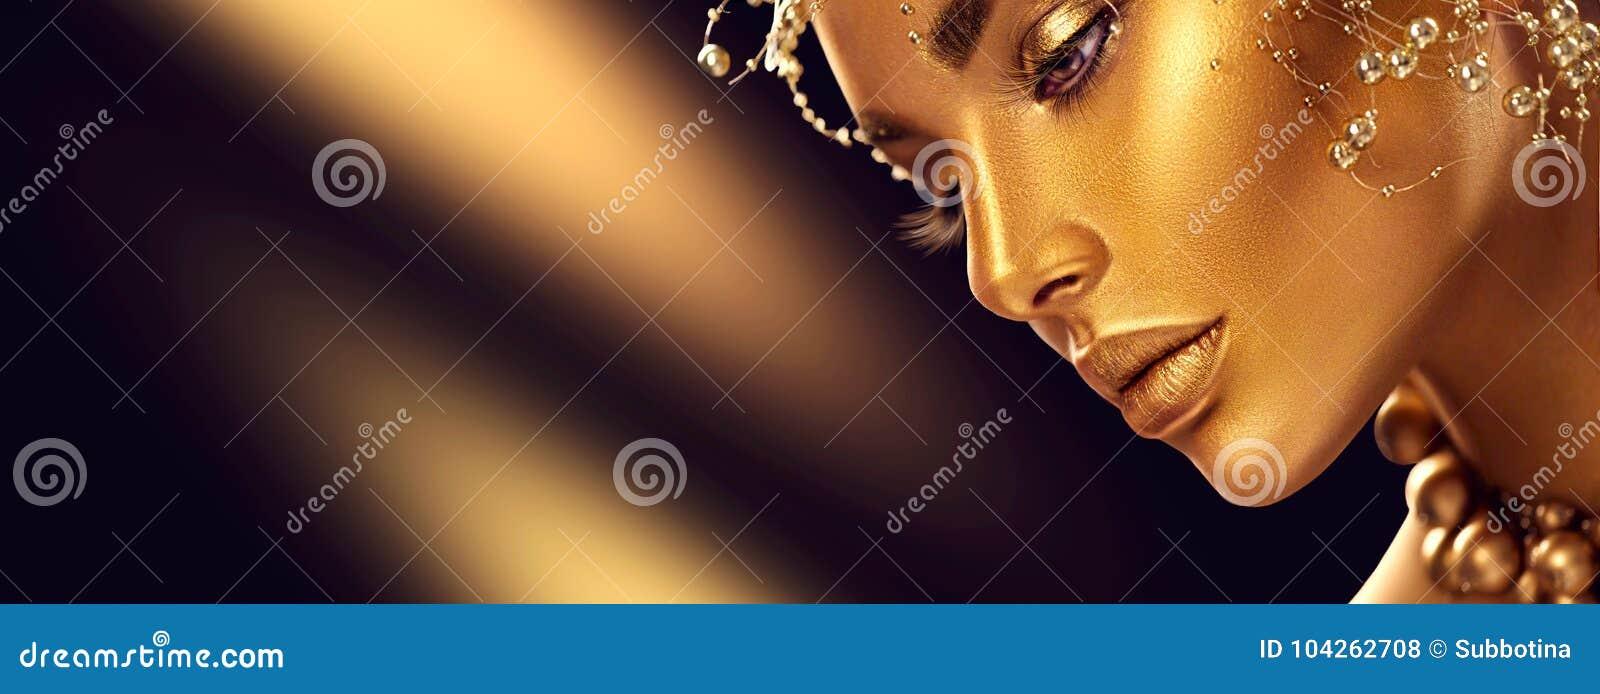 Muchacha modelo de la belleza con maquillaje profesional brillante de oro del día de fiesta Joyería y accesorios del oro